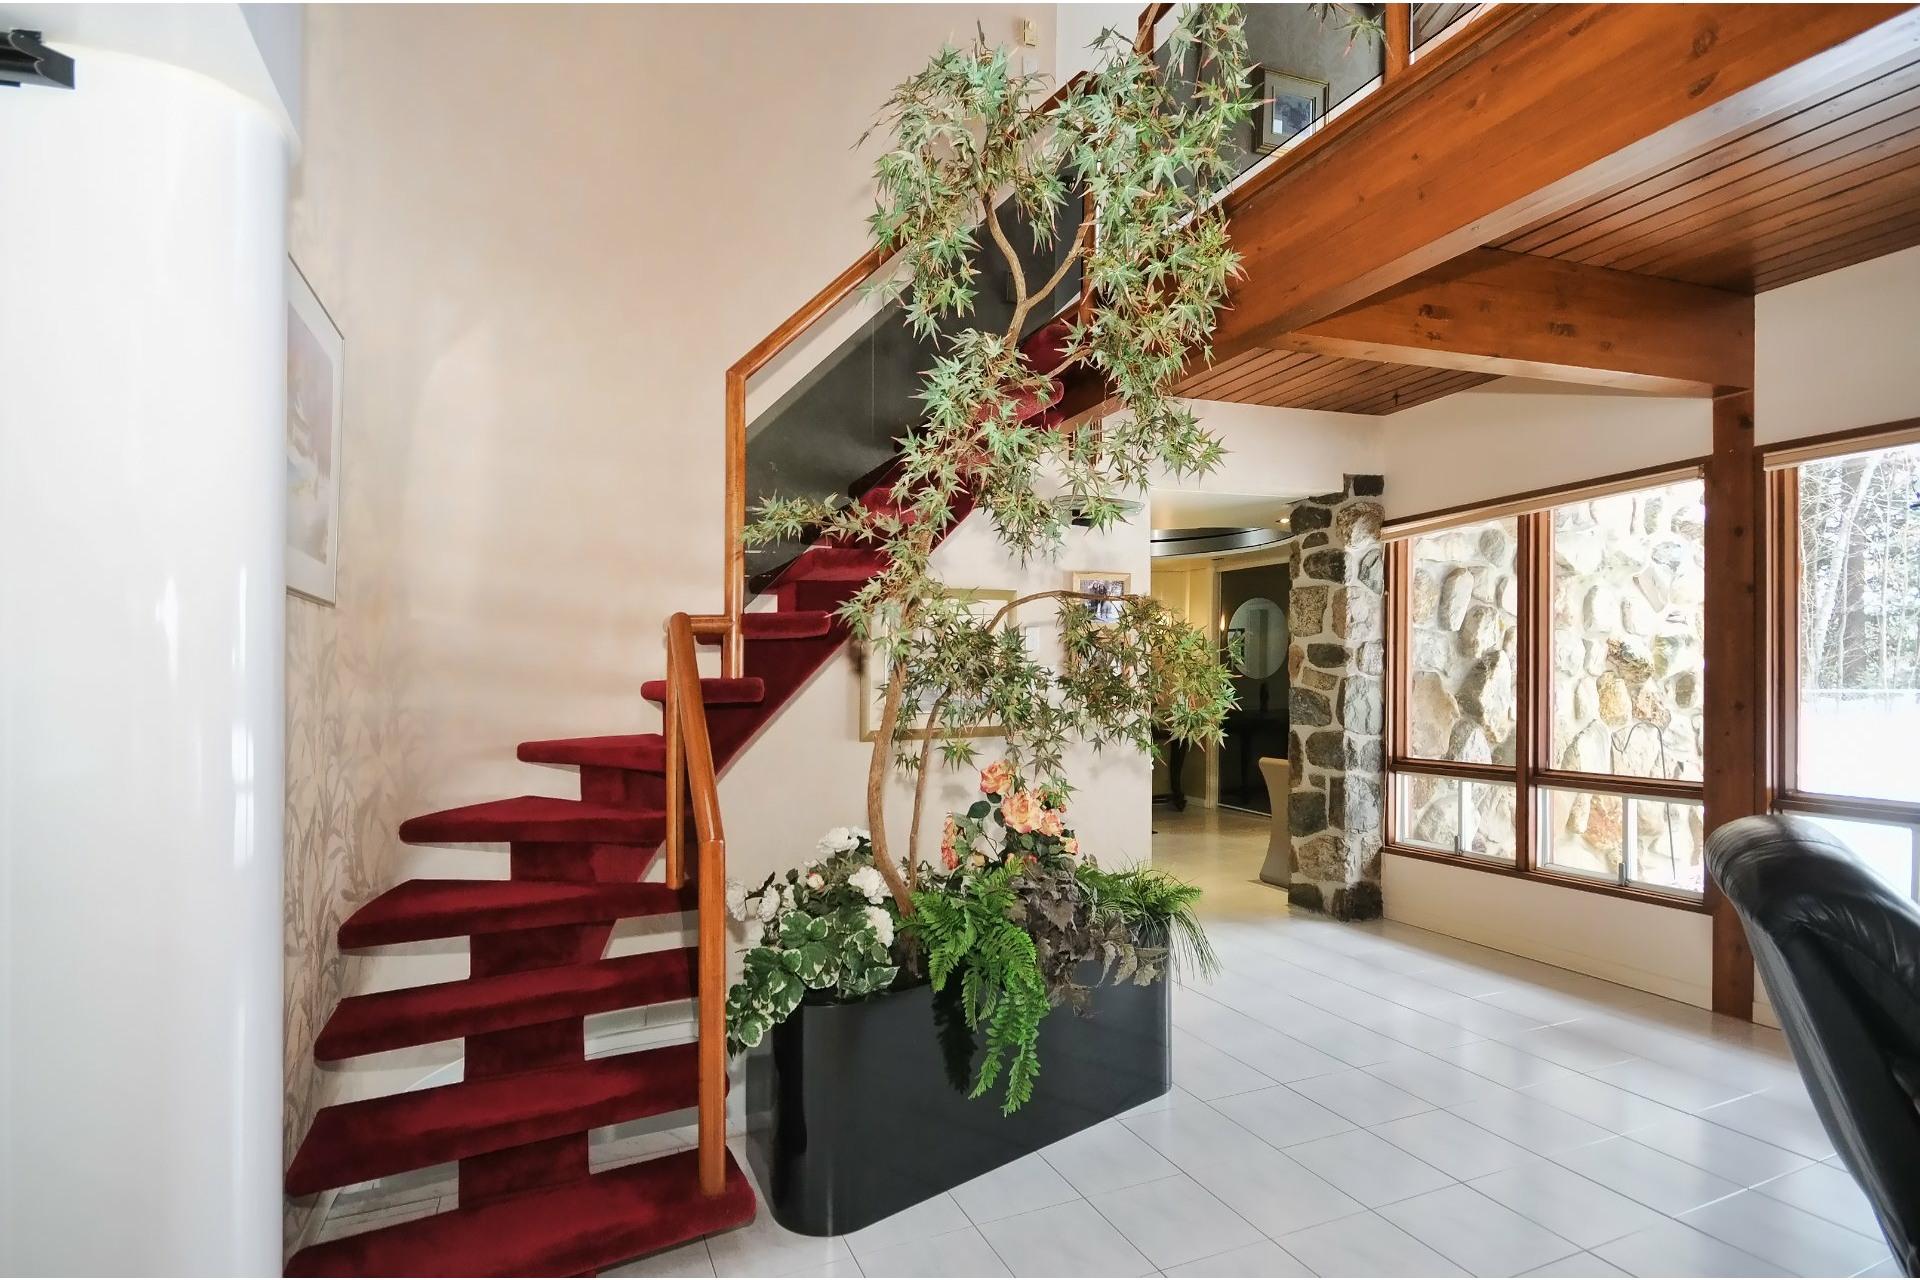 image 18 - Maison À vendre Saint-Ambroise-de-Kildare - 10 pièces